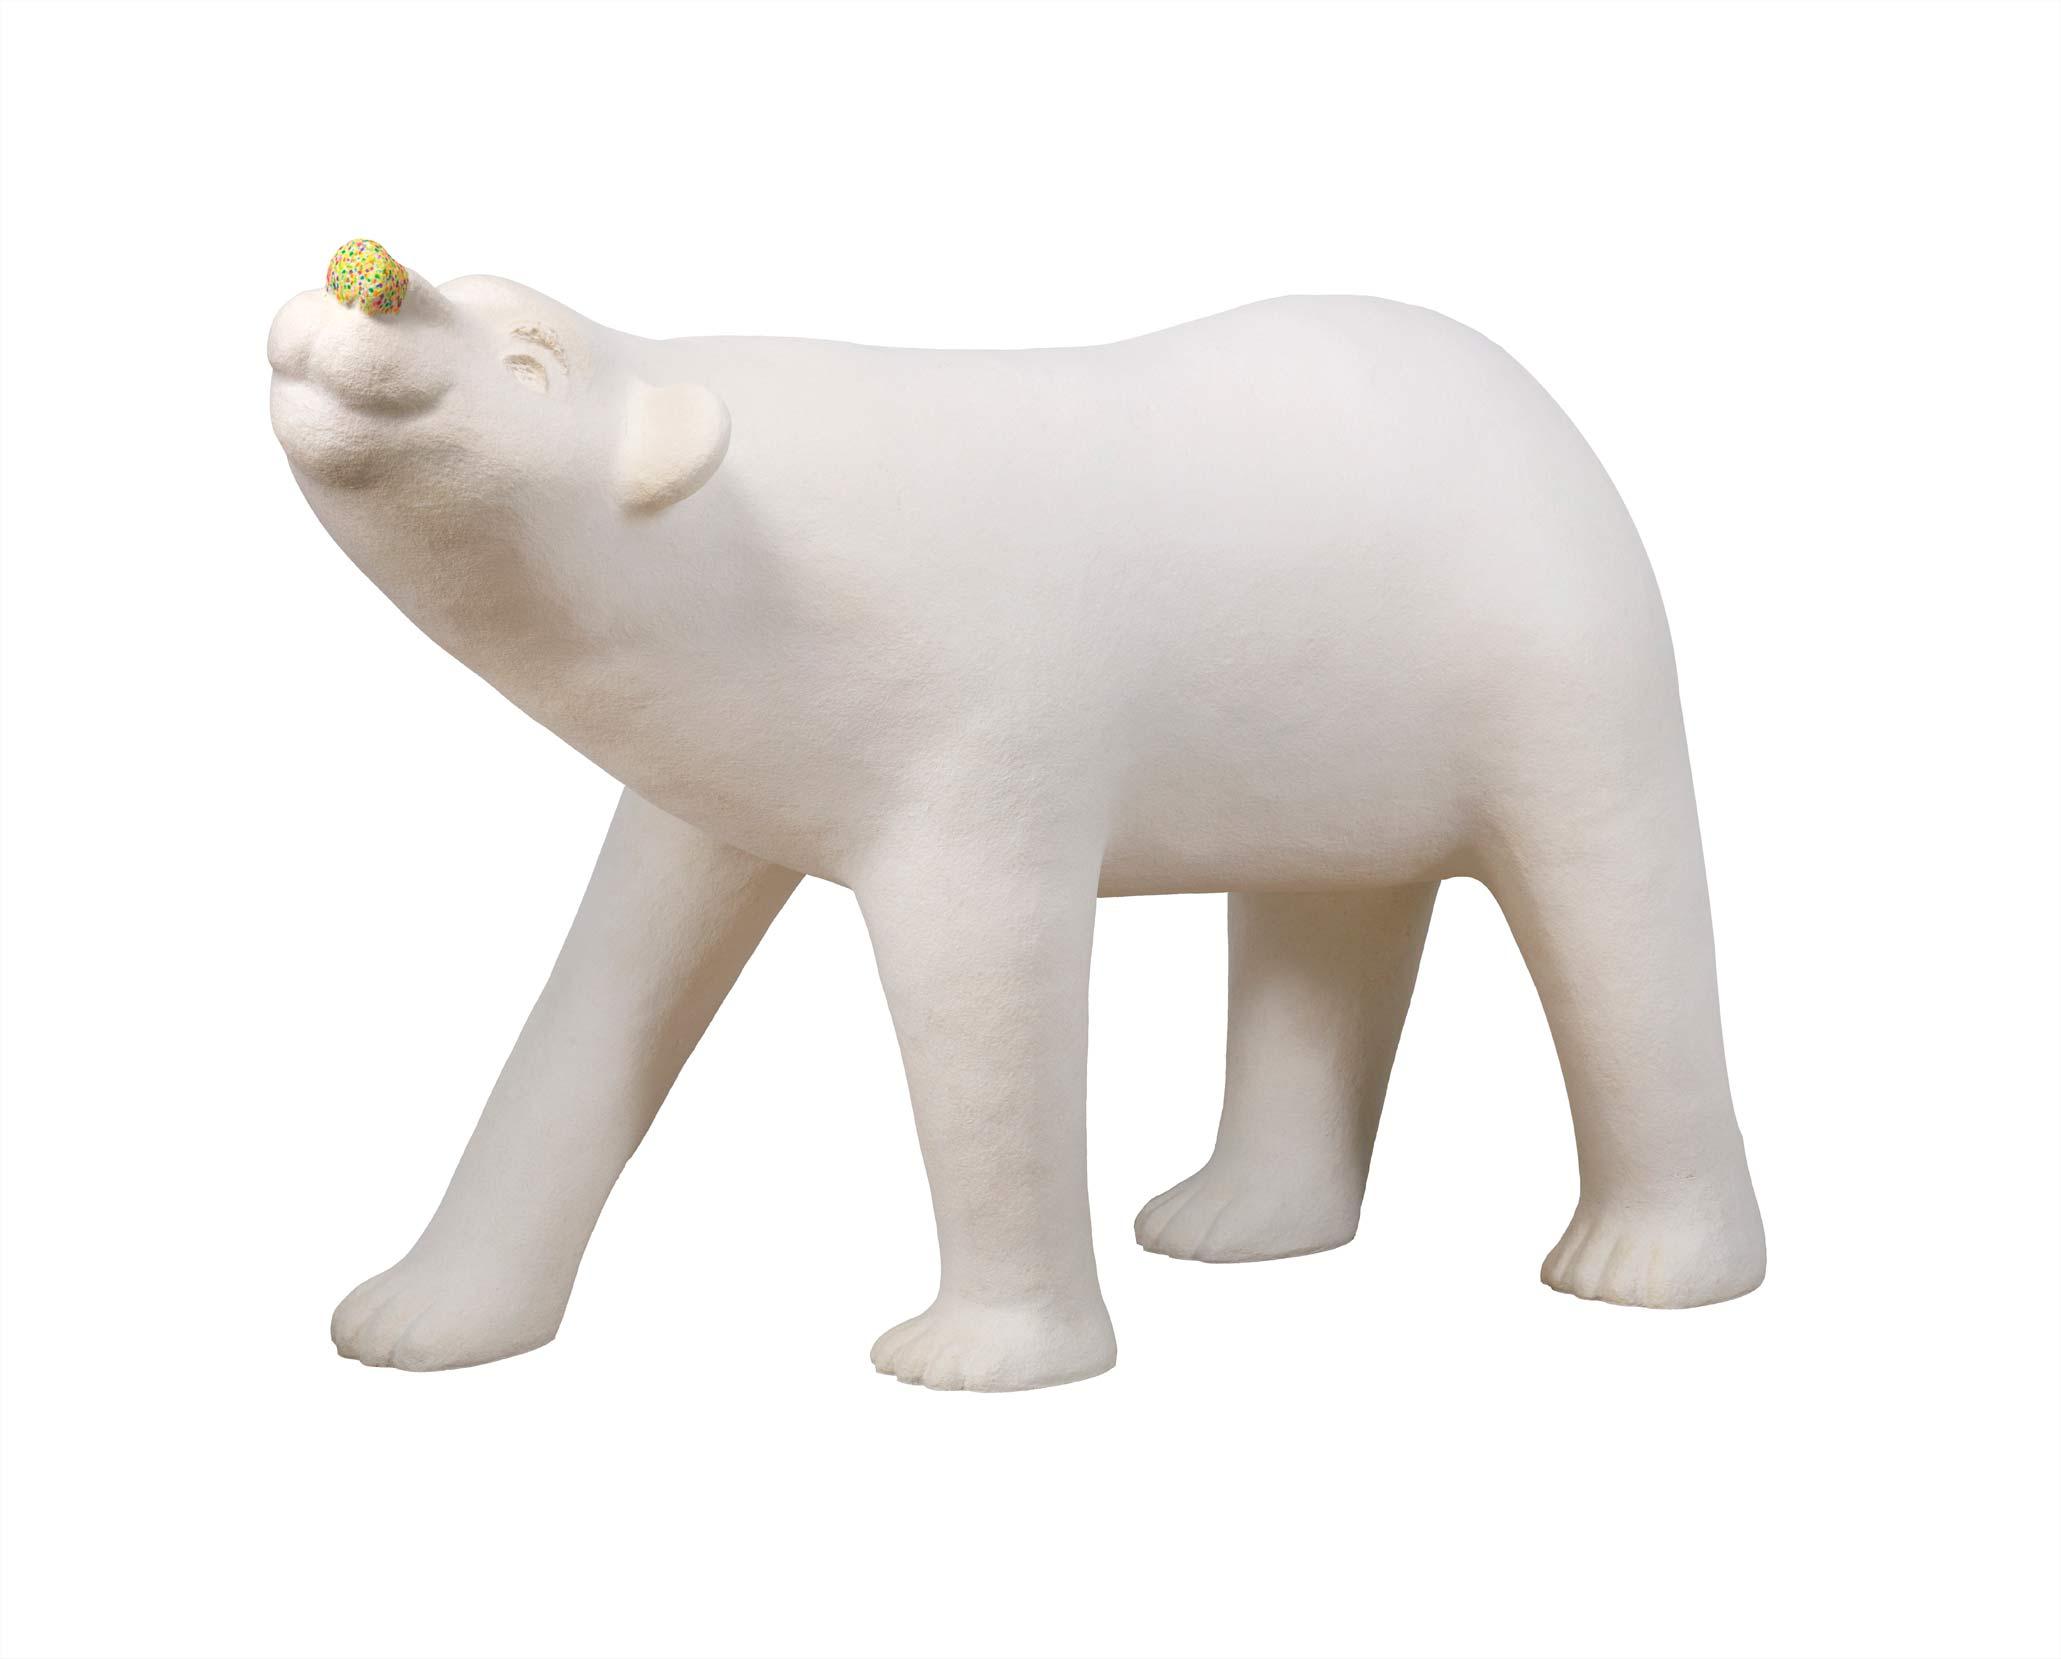 蔡潔莘  彩虹雨村落的北極熊  2016  紙漿、壓克力顏料  115x158x70cm